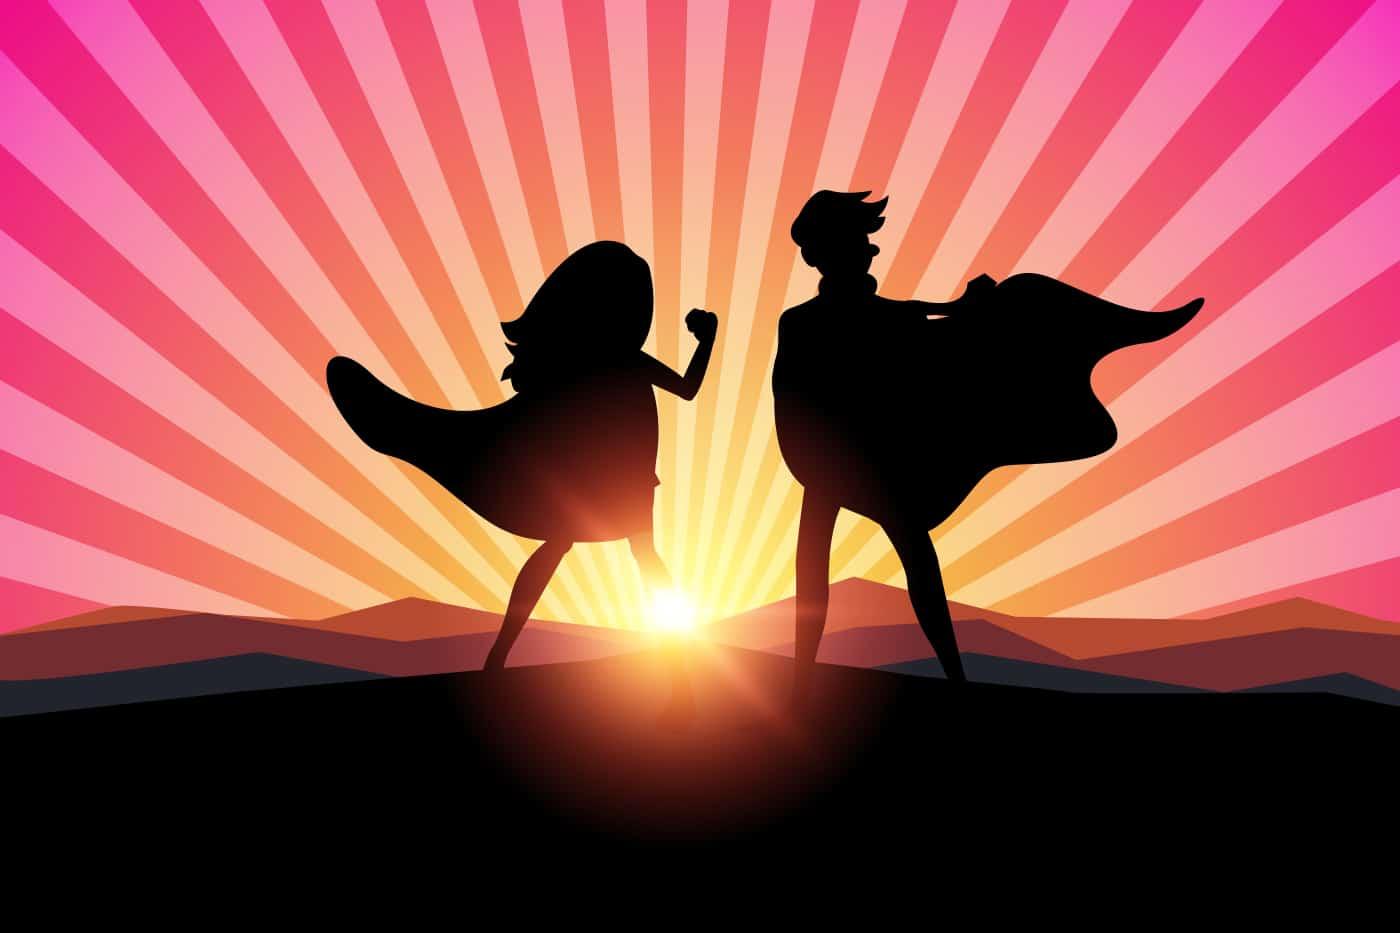 Tecknade silhuetter av kvinnlig och manlig superhjälte med solnedgång i bakgrunden.